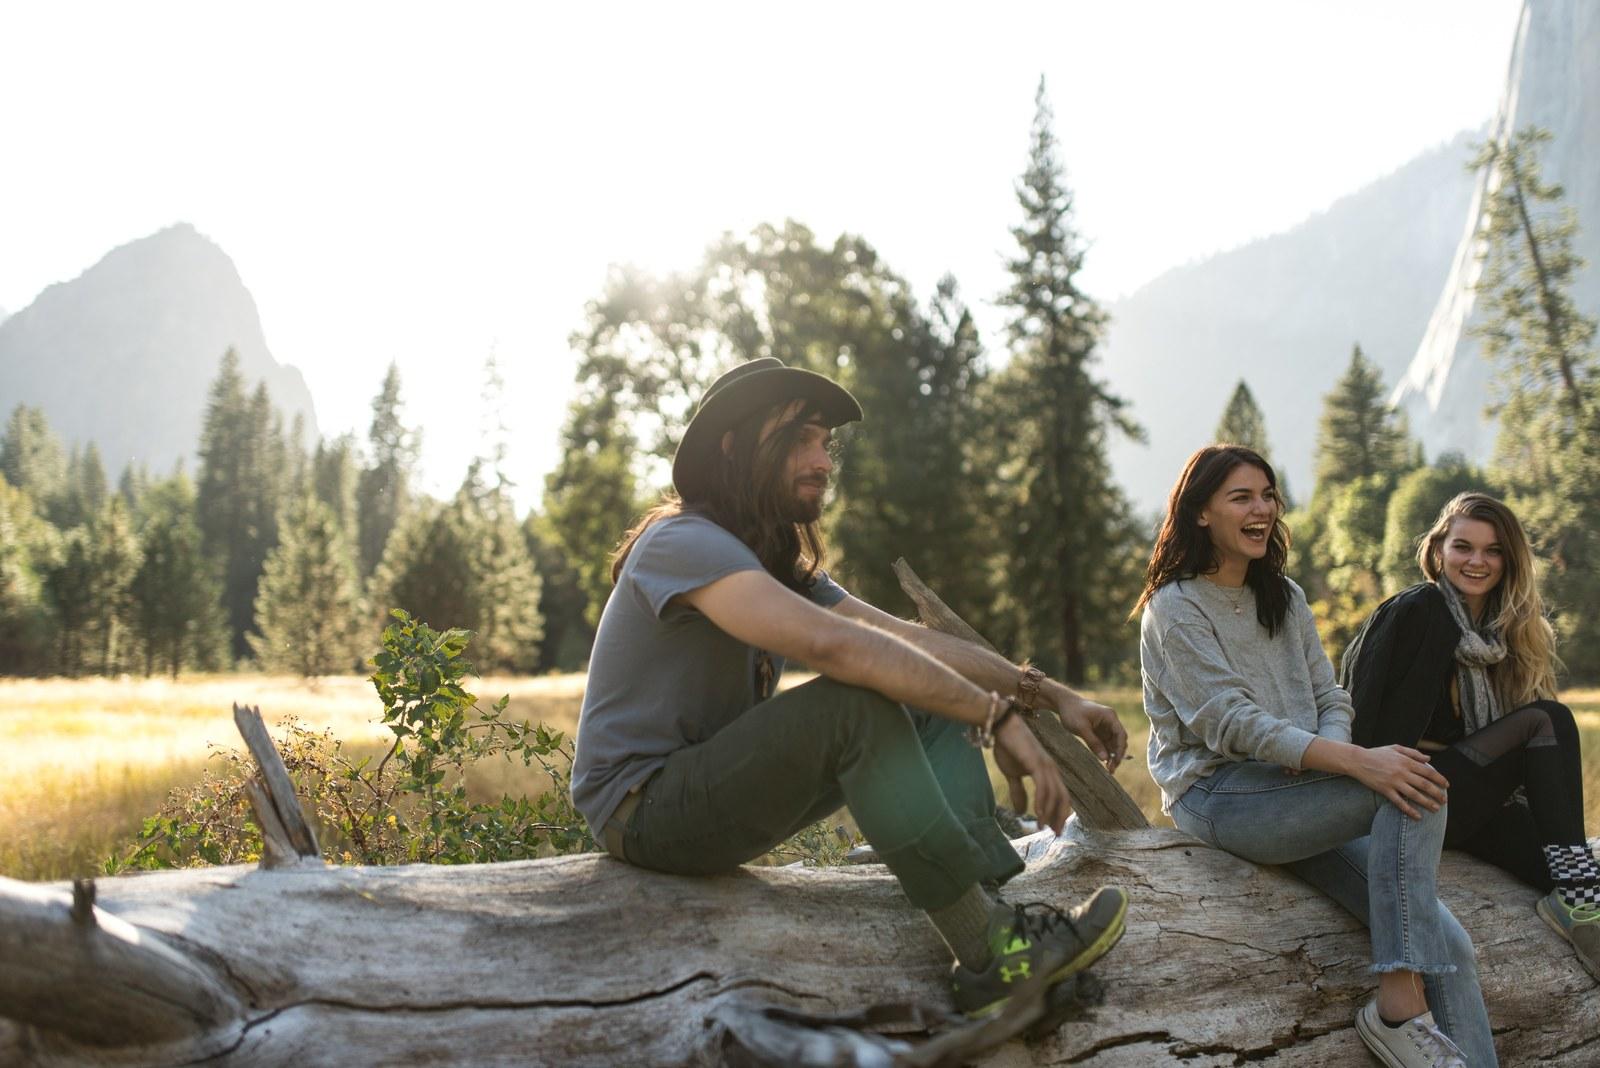 Bande de potes Yosemite